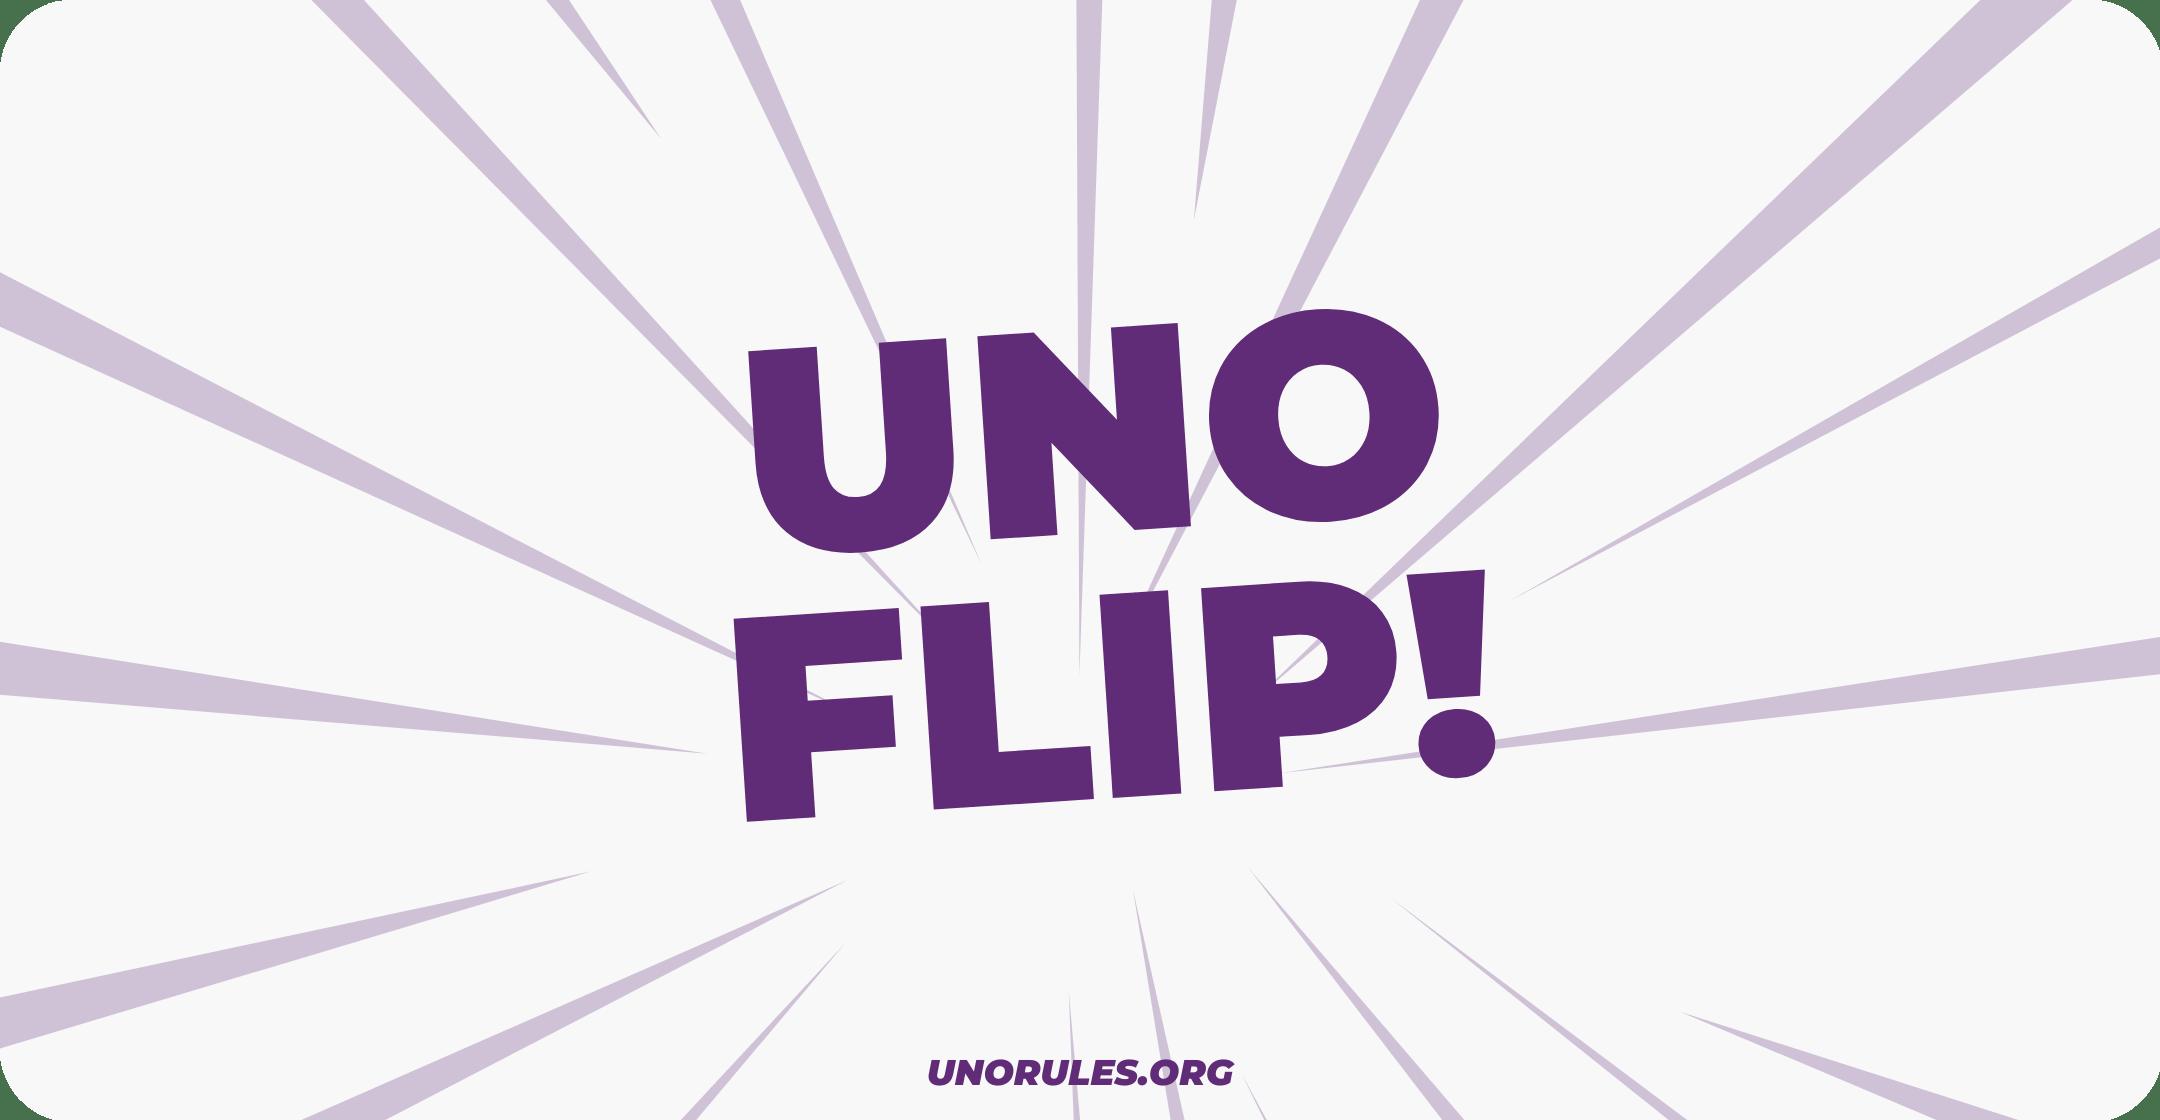 Uno flip -unorules.org